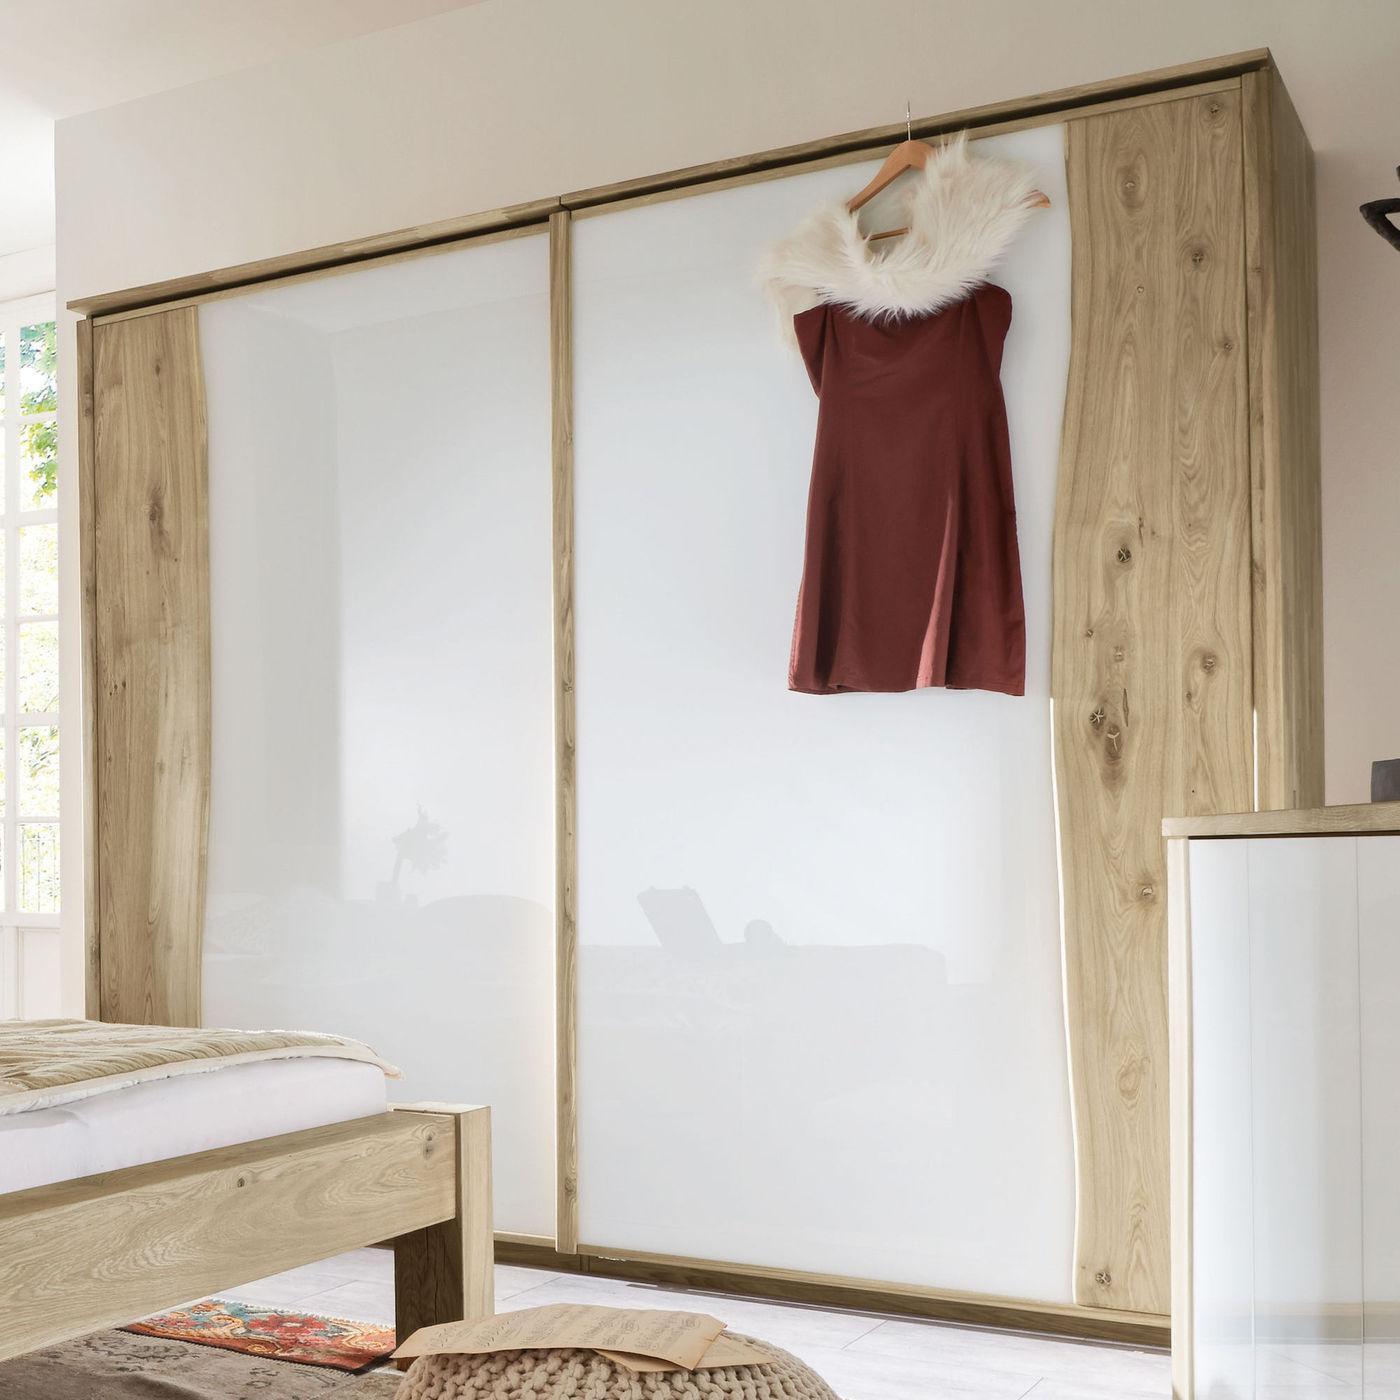 Aus Aus Kleiderschränke Massivholz Massivholz Kaufen Kleiderschränke Kaufen Kleiderschränke SUVzMpLGq